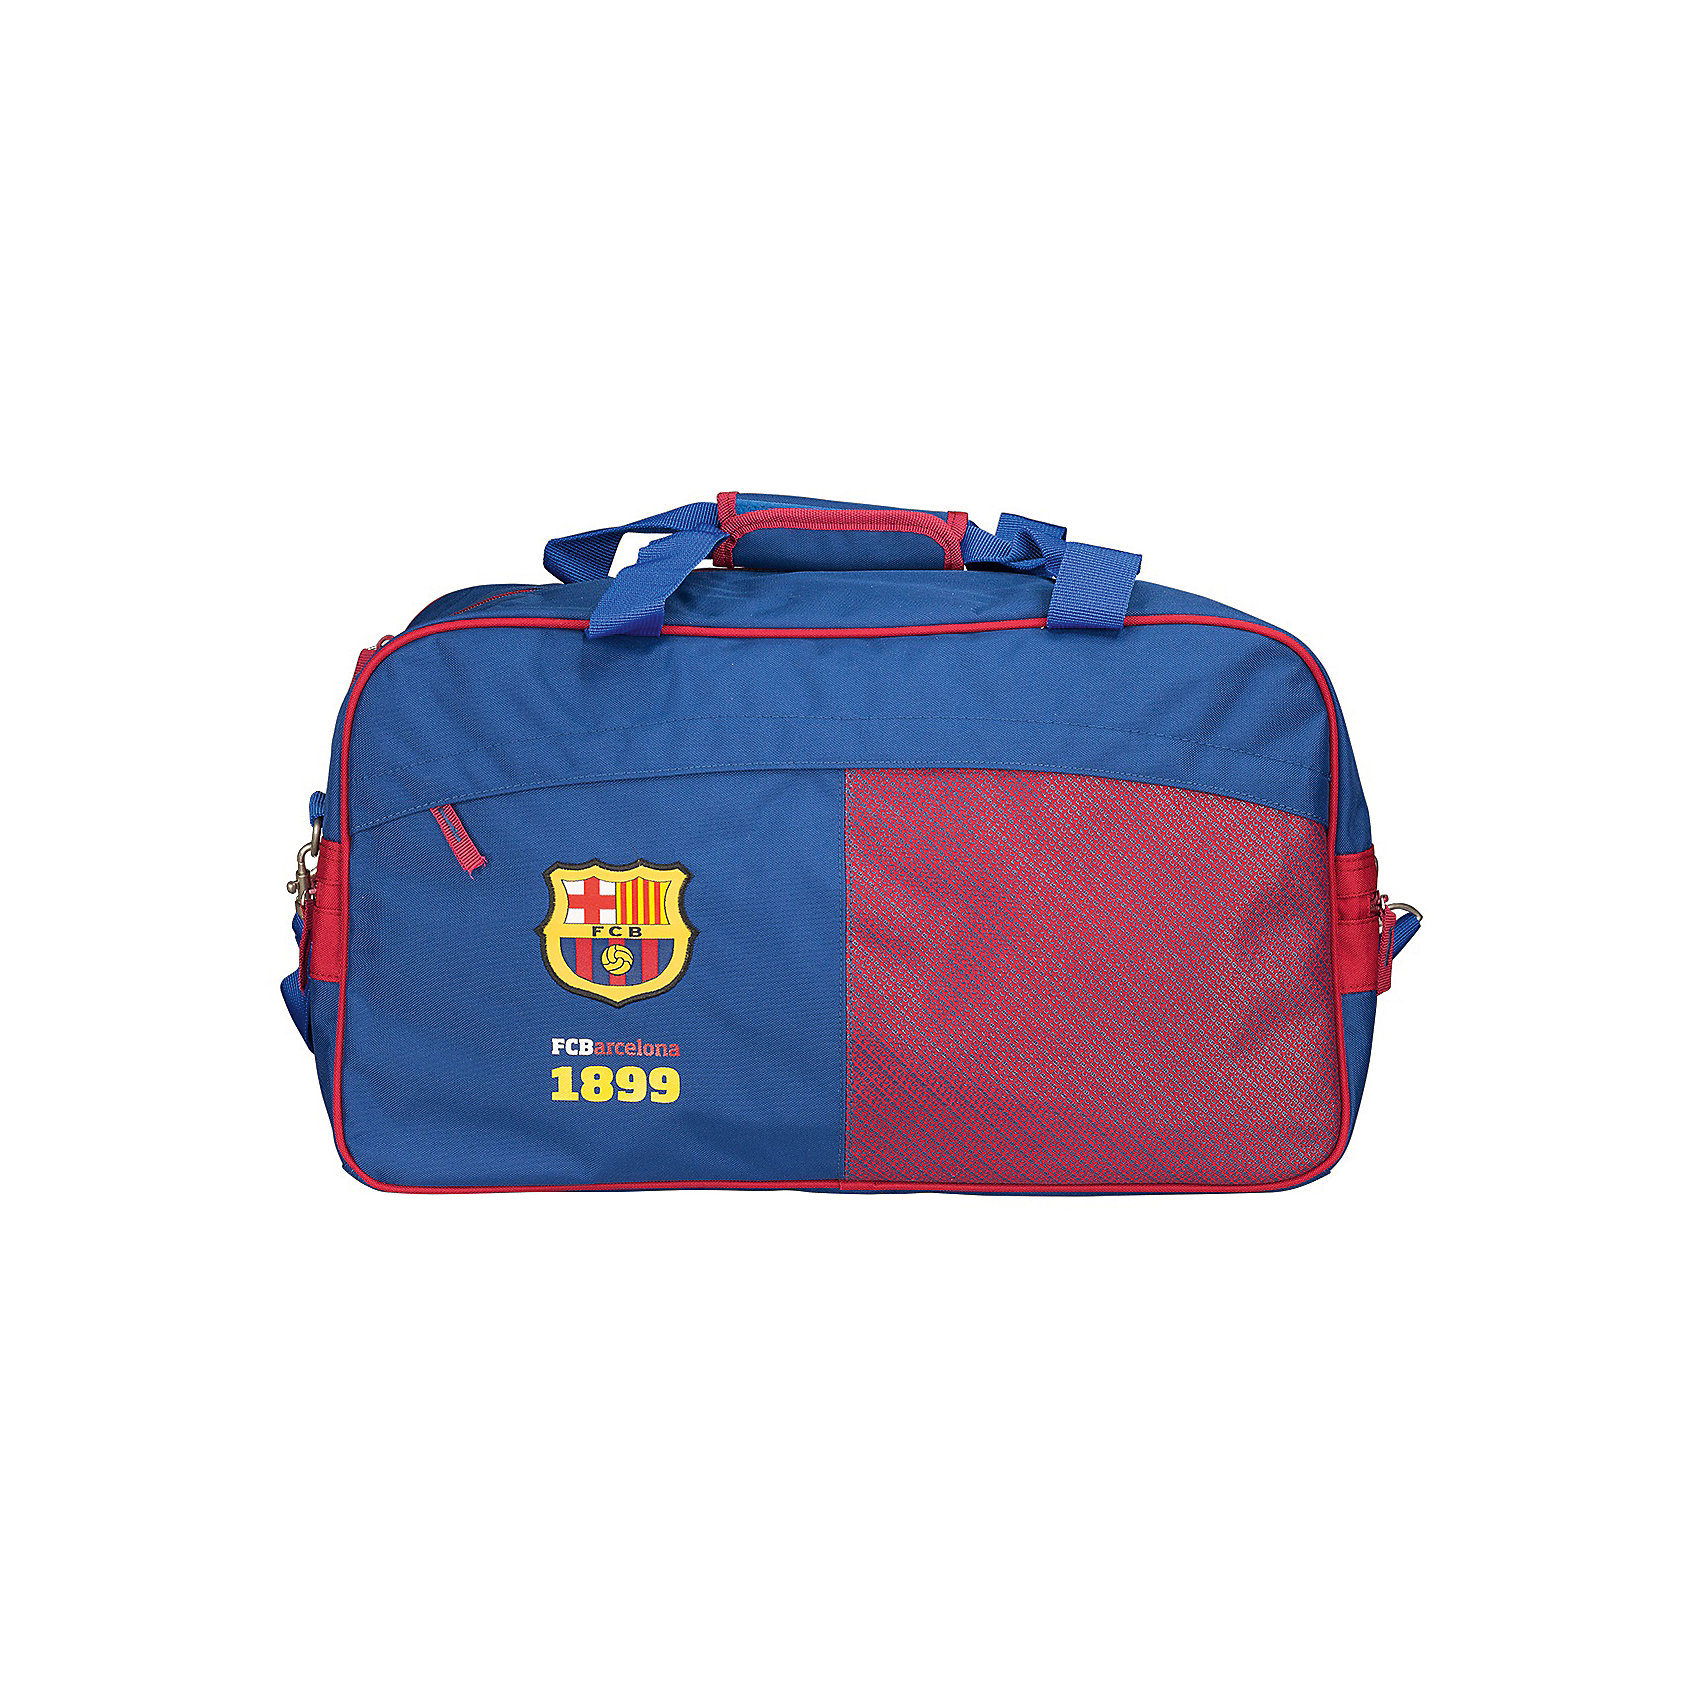 Сумка спортивная, Barcelona FCХарактеристики спортивной сумки, Barcelona FC:<br><br>- размер 30 * 27 * 52 см. <br>- пол: для мальчиков<br>- материал: текстиль.<br><br>Спортивная сумка Barcelona FC– вместительная и удобная, прекрасно подойдет для поездок, спортивных занятий или  для повседневных целей. Сумка с одним отделением, легко застегивается на замок-молнию. Спортивная сумка состоит из одного большого отделения с внутренним и внешним карманами, ее материал прочный и качественный. Ручки, изготовлены из текстиля для переноски сумки в руке, а так же пристегивается съемная шлейка на плечо (регулируется по длине).<br><br>Спортивную сумку  Barcelona FC можно купить в нашем интернет-магазине.<br><br>Ширина мм: 270<br>Глубина мм: 300<br>Высота мм: 520<br>Вес г: 875<br>Возраст от месяцев: 156<br>Возраст до месяцев: 180<br>Пол: Мужской<br>Возраст: Детский<br>SKU: 5218399